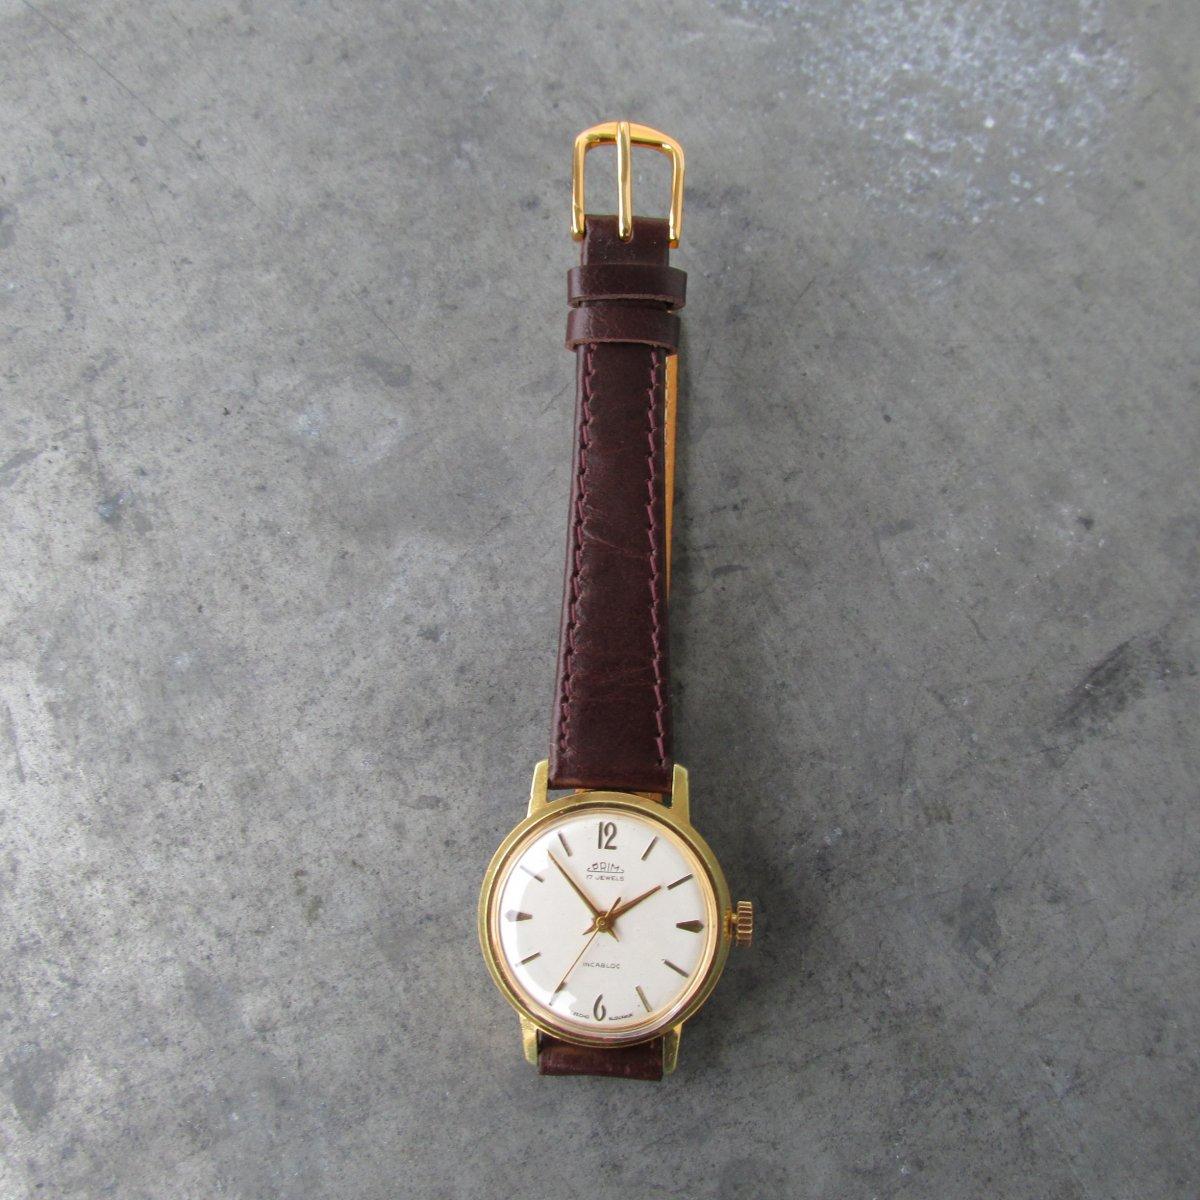 d00aad6bf Dámské náramkové hodinky PRIM Incabloc z roku 1966 – Potvor ...